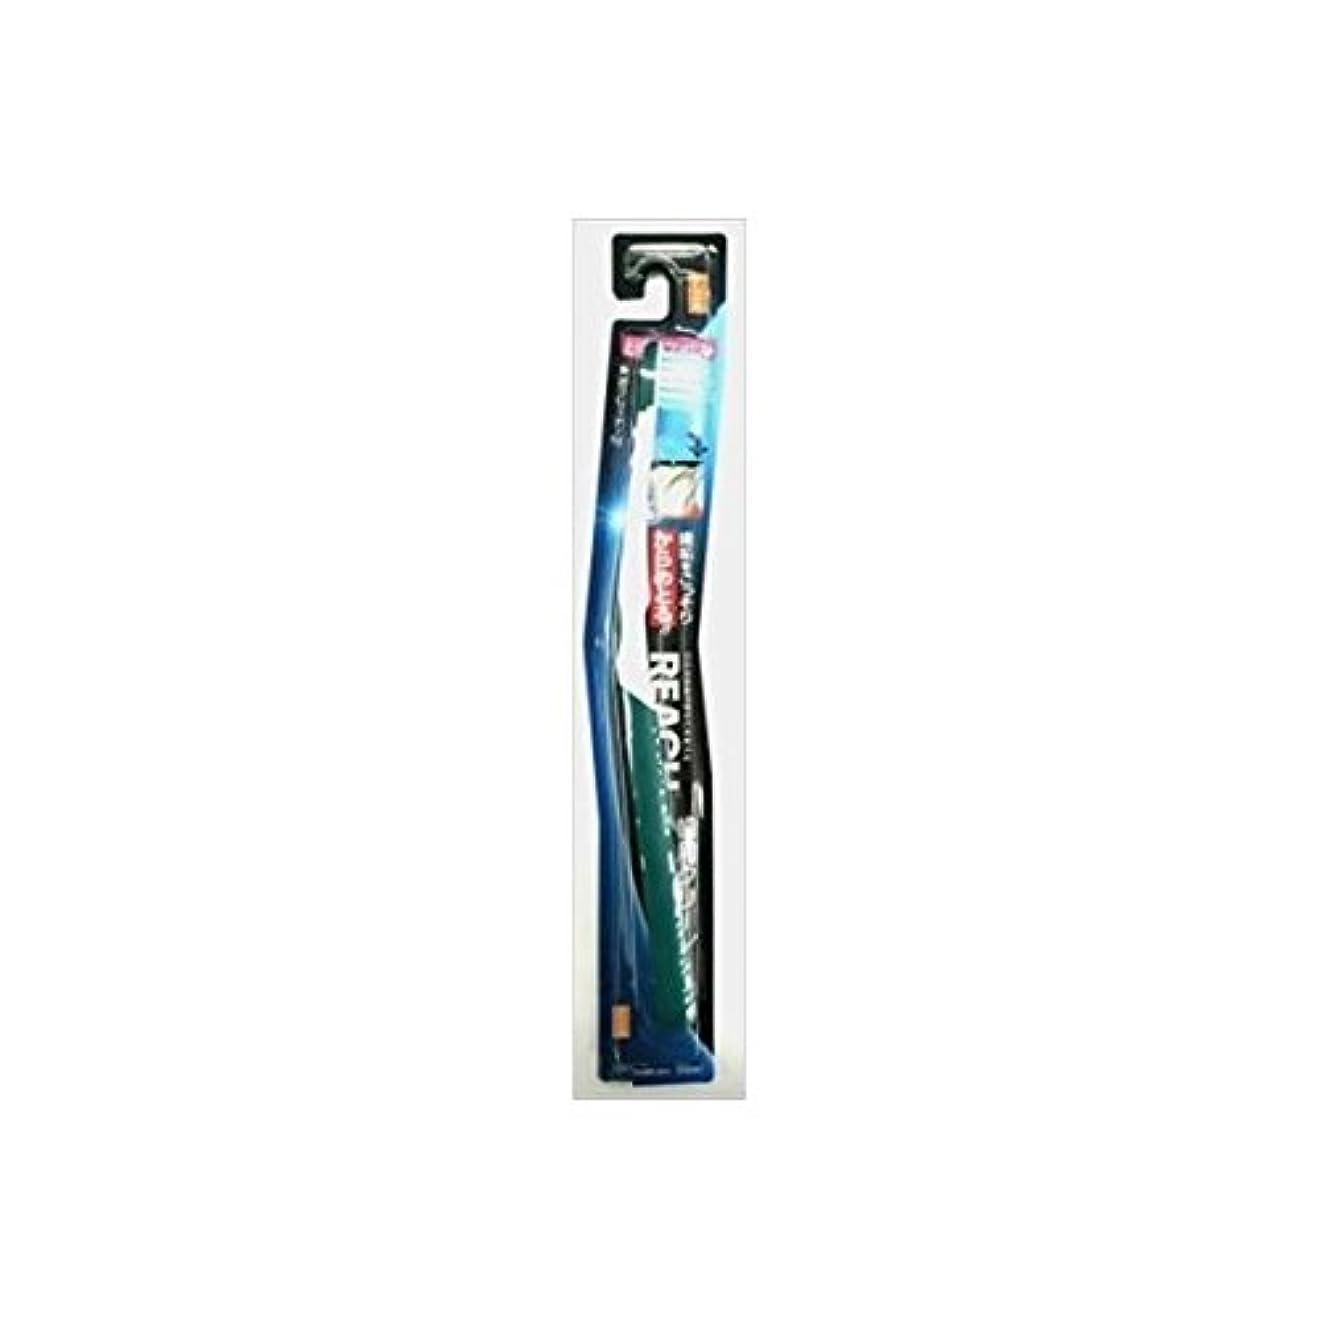 整然としたバイオレットテザー銀座ステファニー リーチ 歯周クリーン とってもコンパクト やわらかめ × 5 点セット ds-2001351